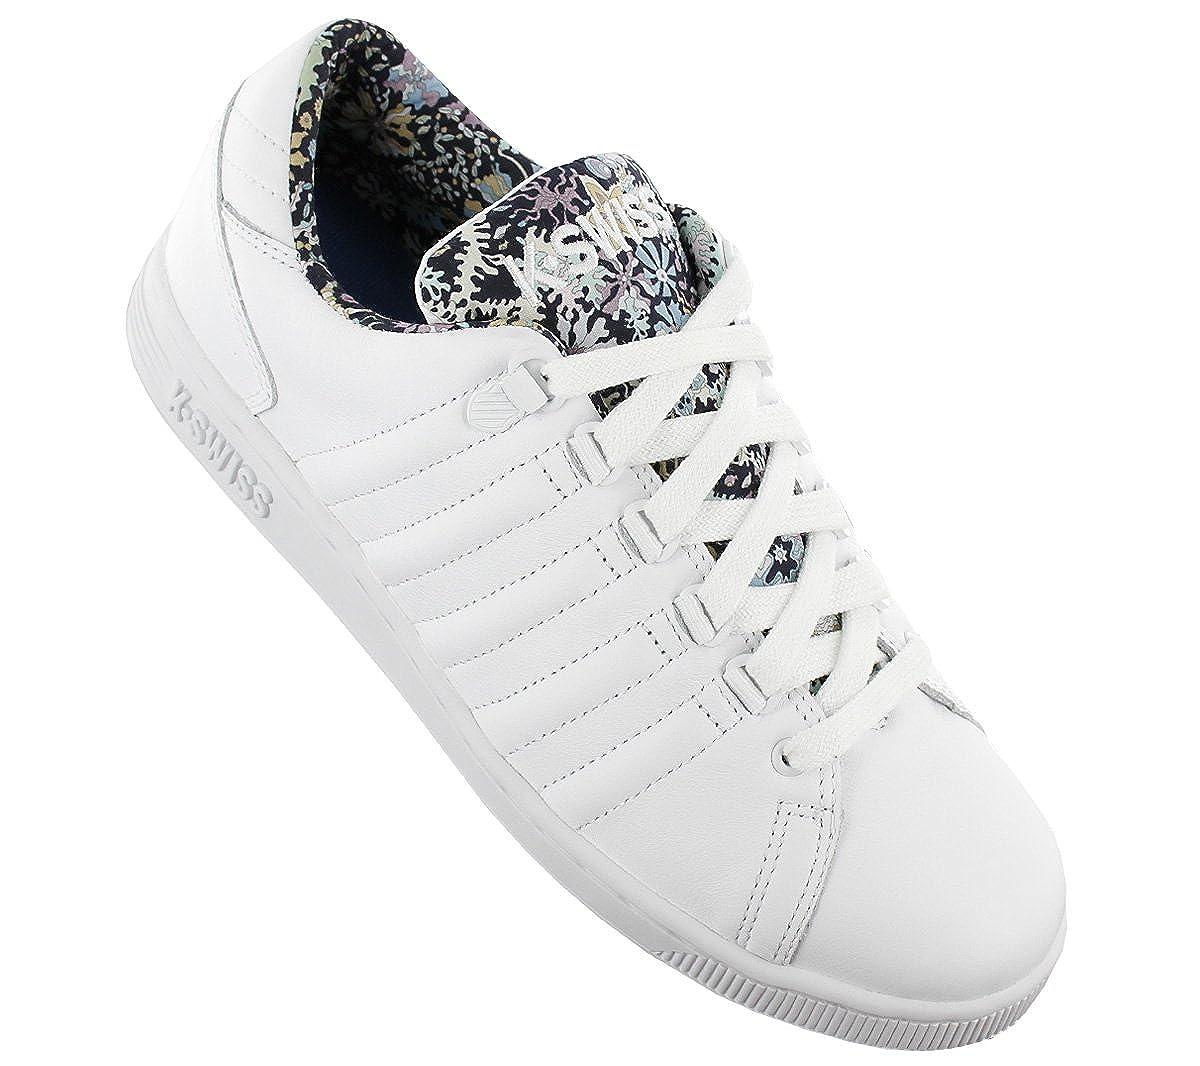 K-Swiss Lozan III TT Liberty Damen Sneaker mit drehbarer Zunge Fashion Sneaker Turnschuhe Sportschuhe Limited Edition